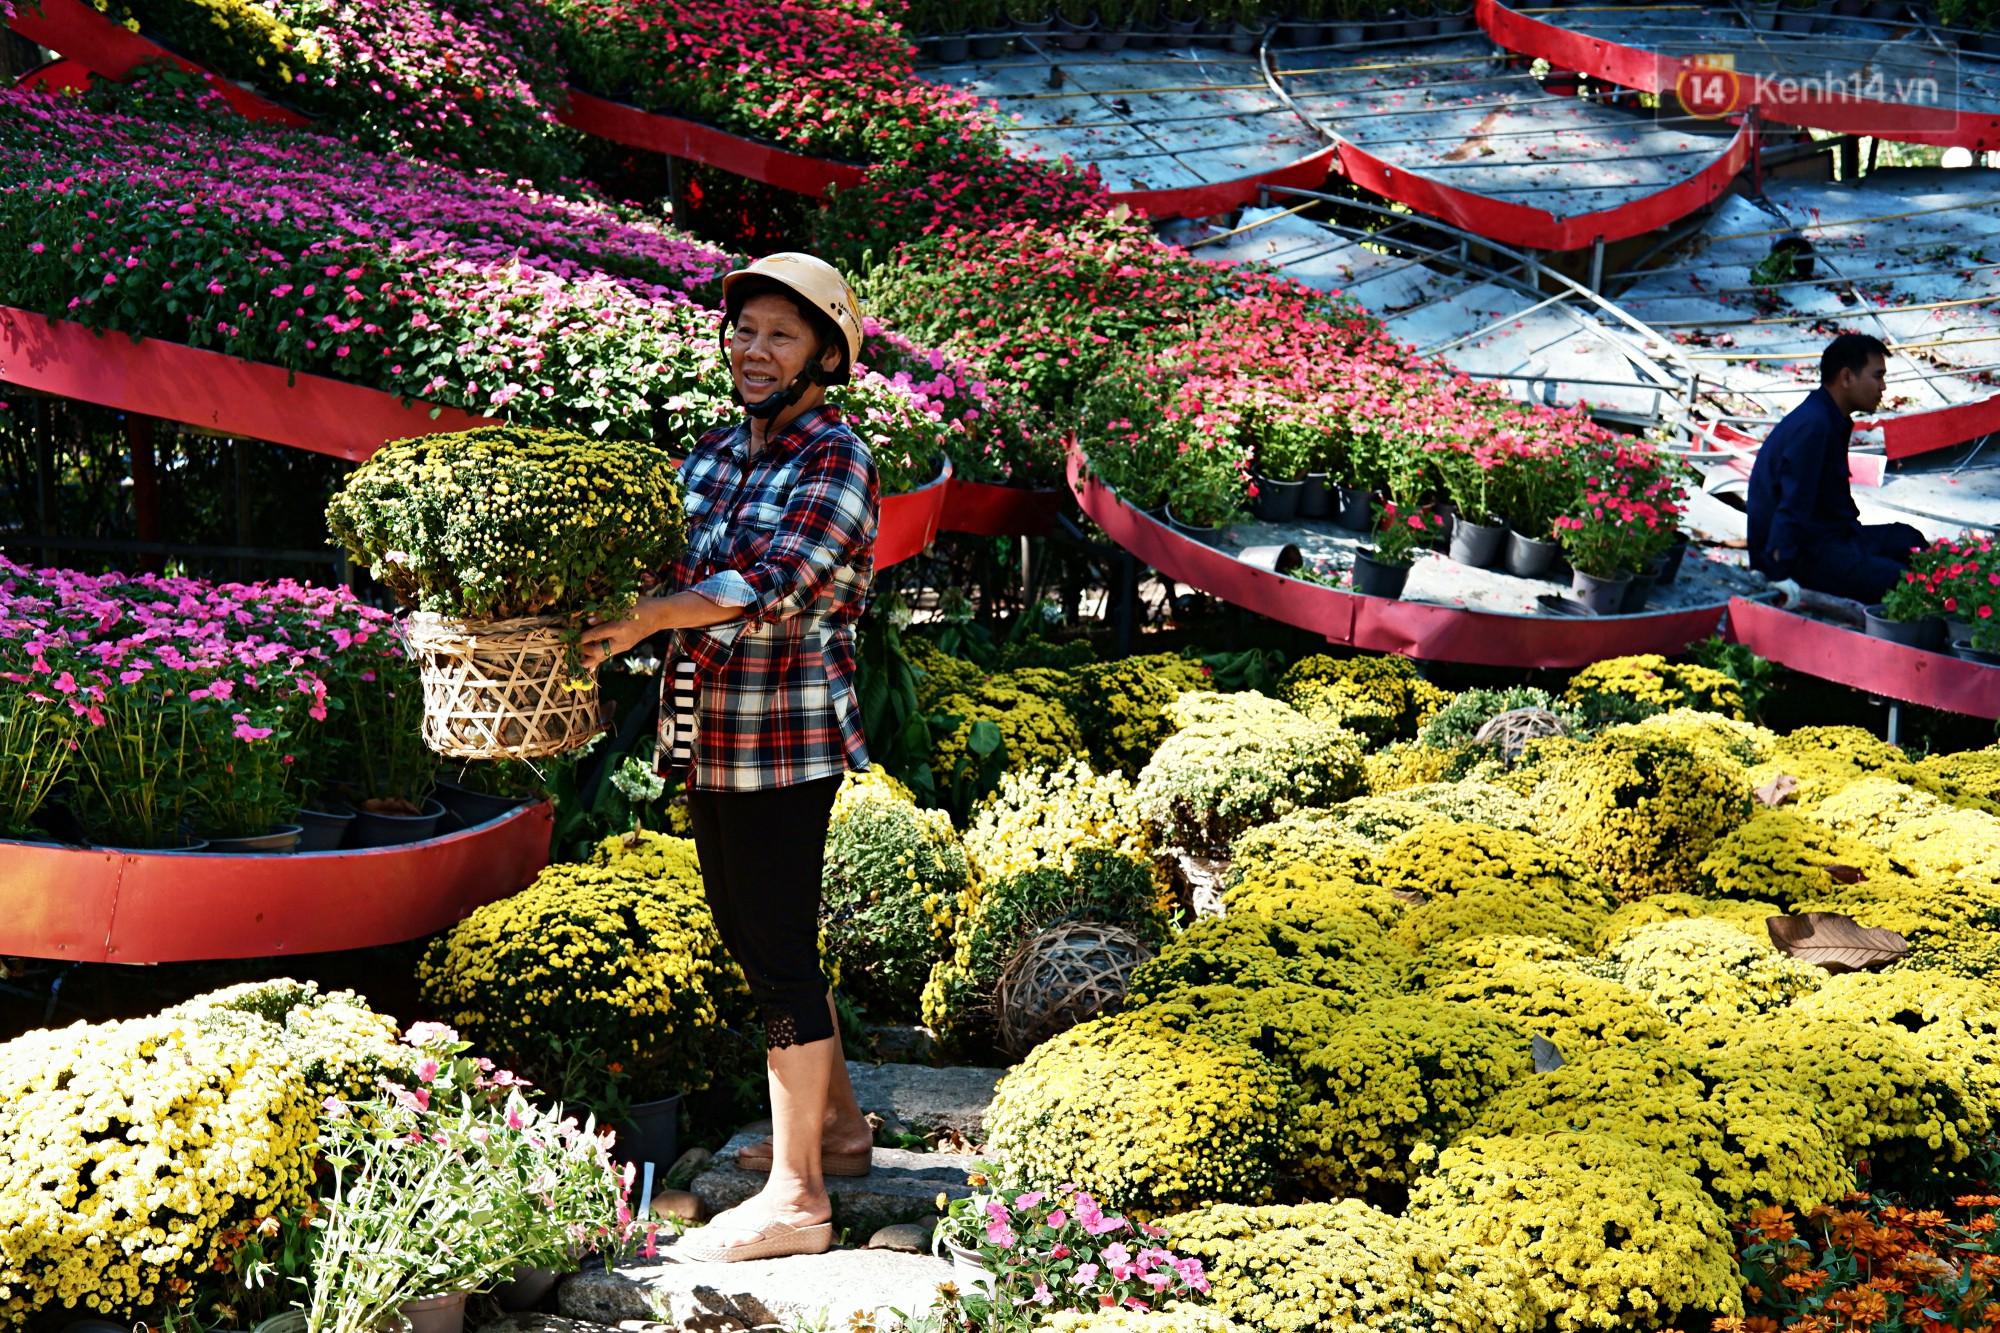 Hội hoa Xuân kết thúc, người dân Sài Gòn hào hứng xin hoa miễn phí về chưng cho đỡ uổng phí - Ảnh 10.